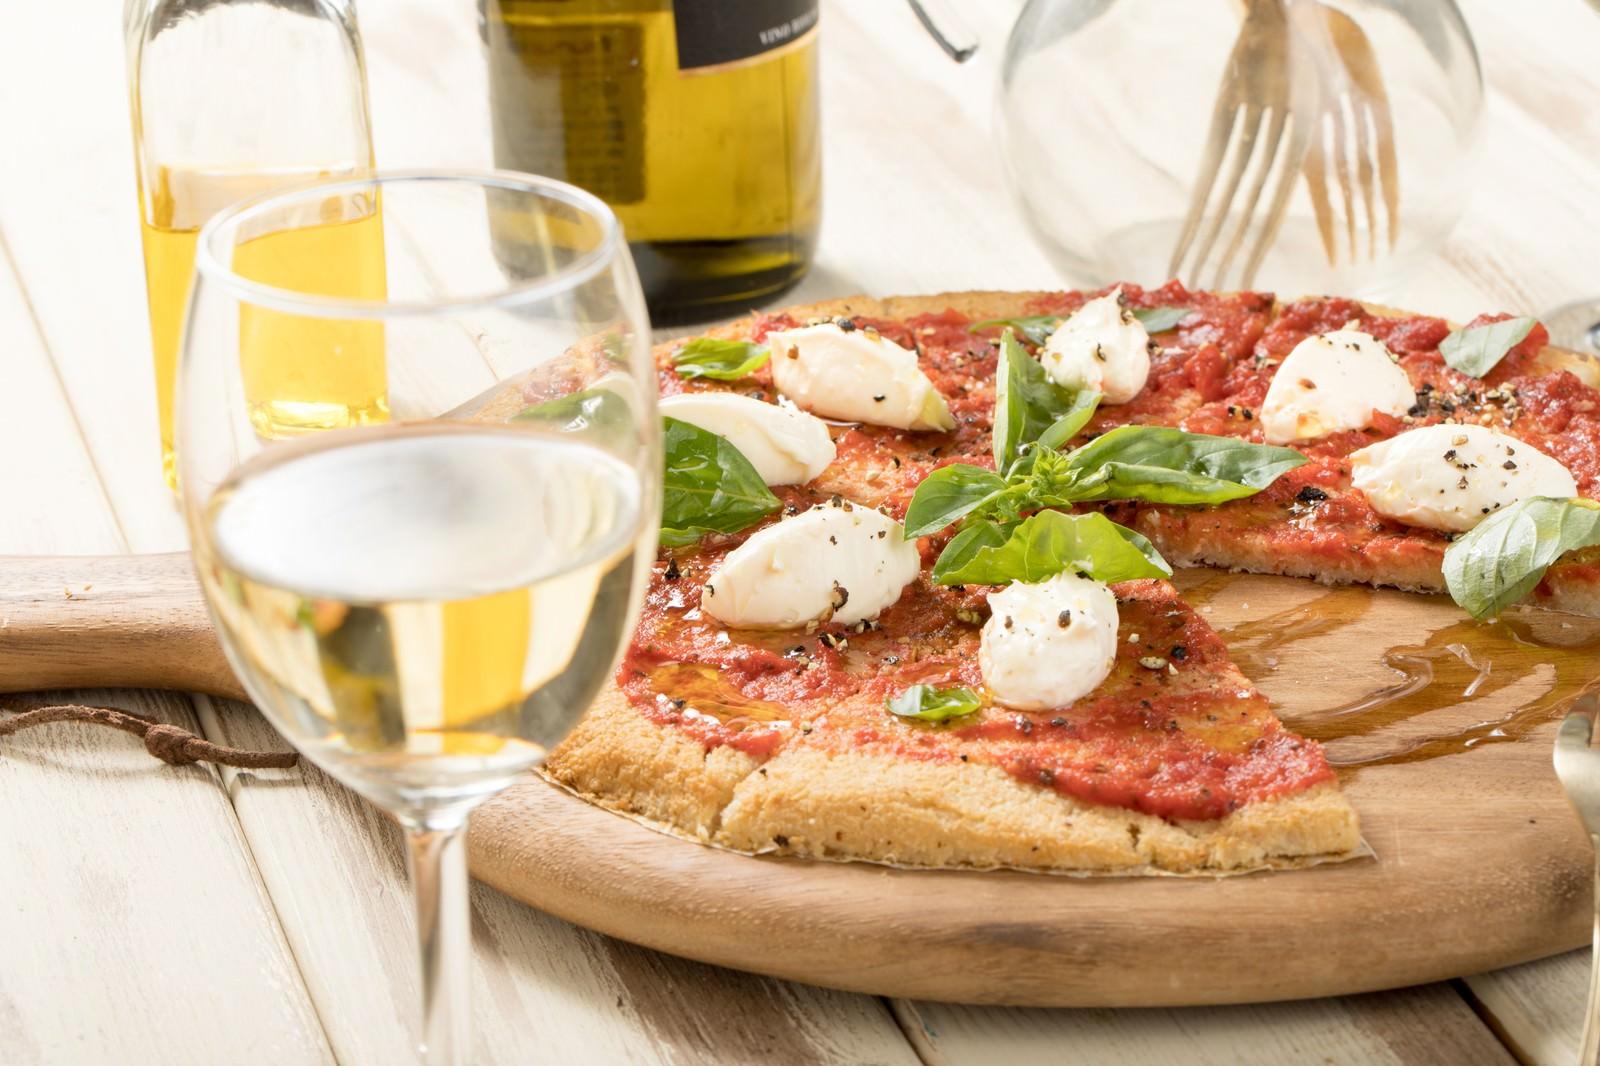 「白ワインとピザ白ワインとピザ」のフリー写真素材を拡大